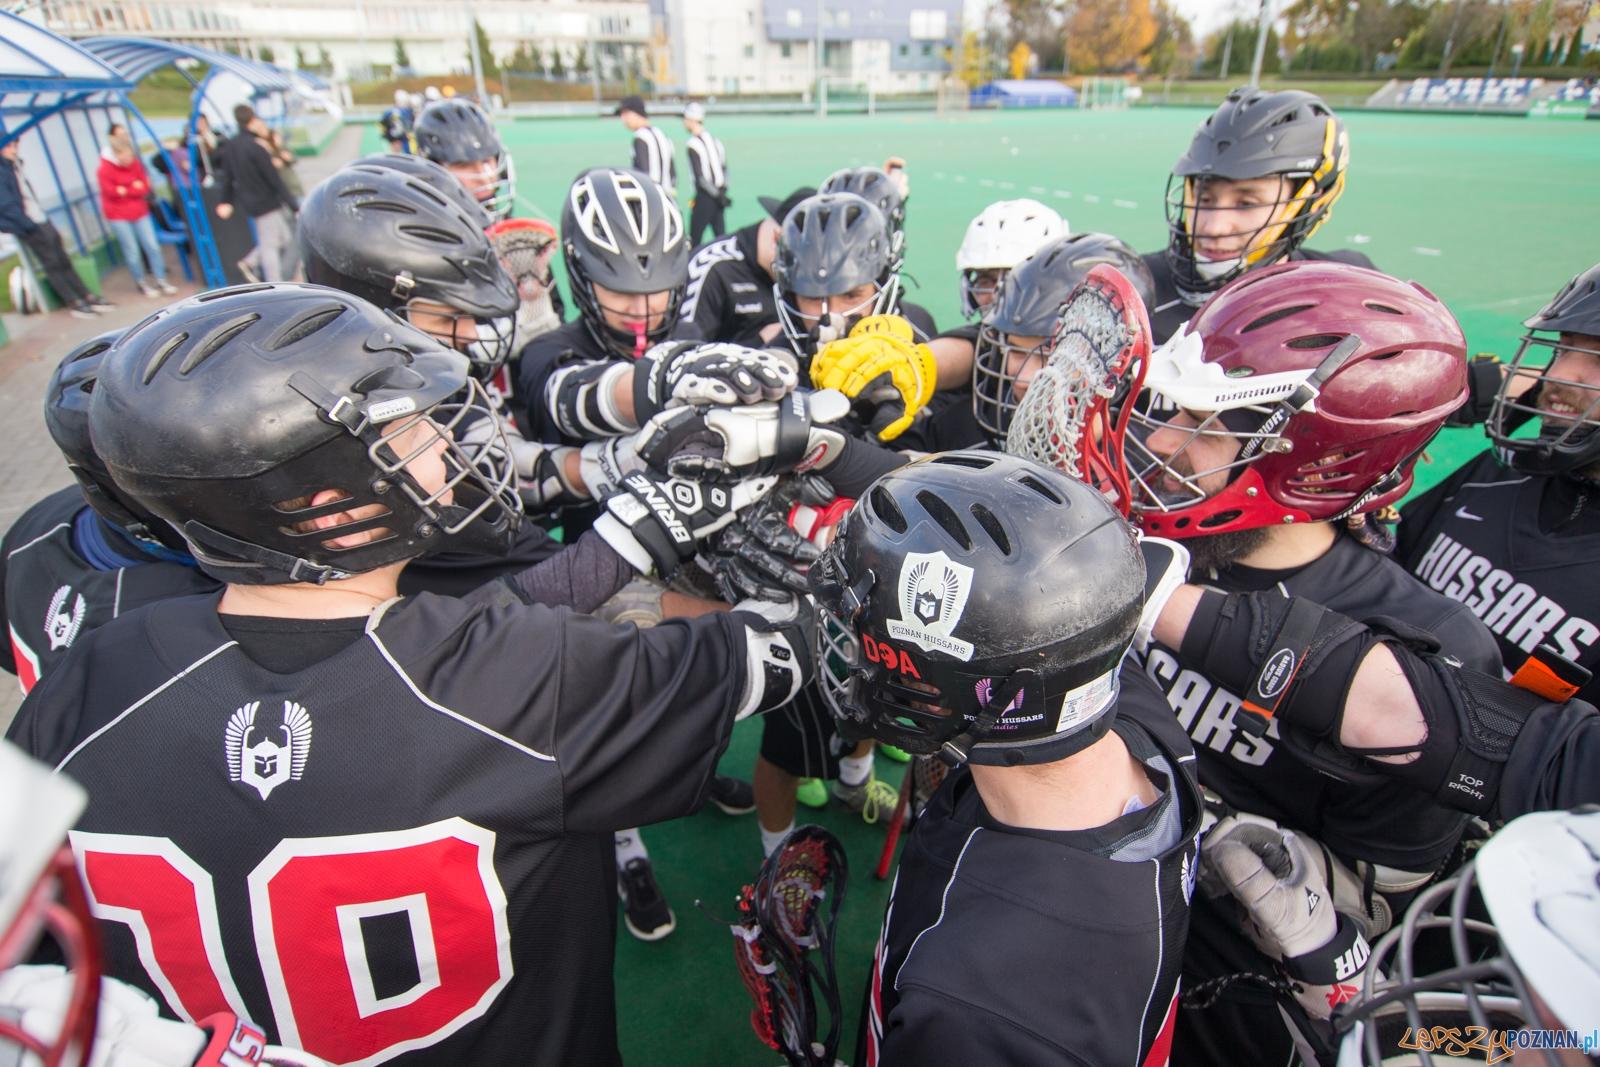 Lacrosse: Poznań Hussars - Ravens Łódź  Foto: lepszyPOZNAN.pl / Piotr Rychter